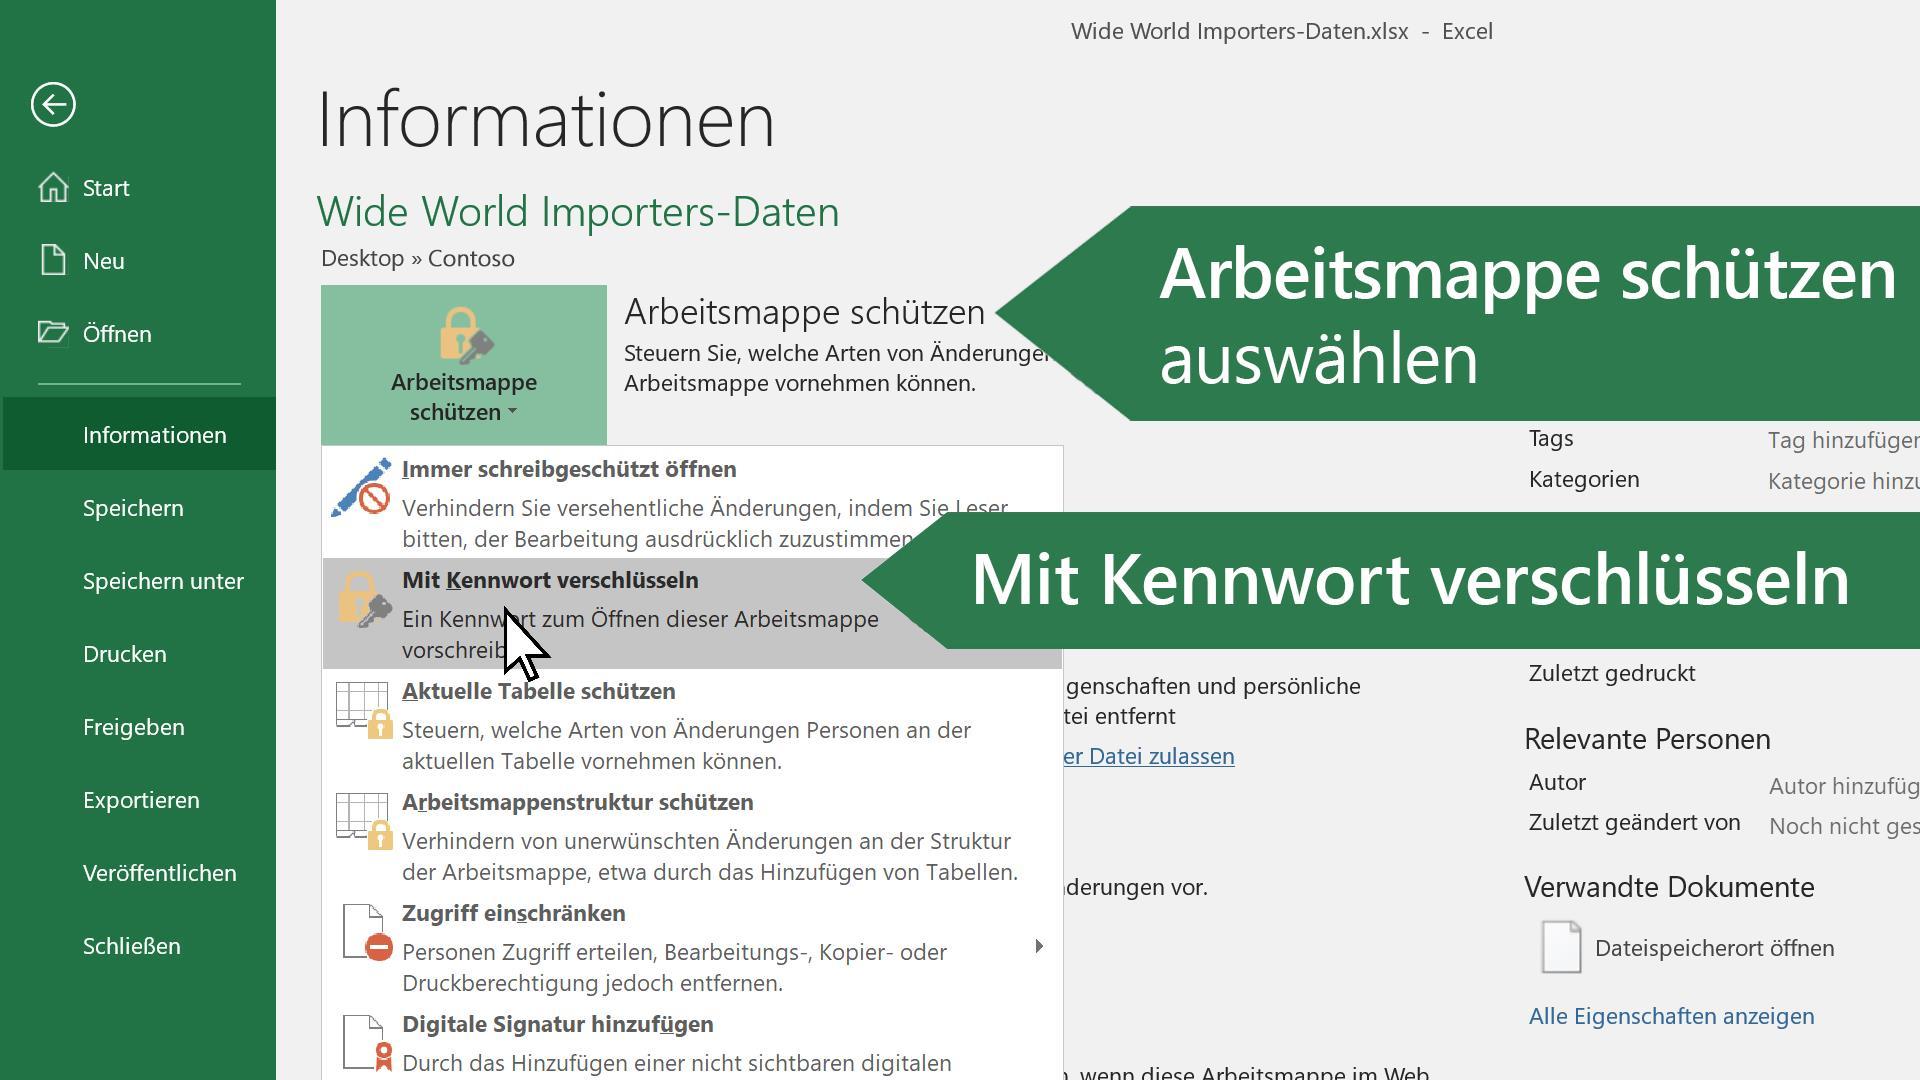 Video: Passwort-geschützte Arbeitsmappen - Excel